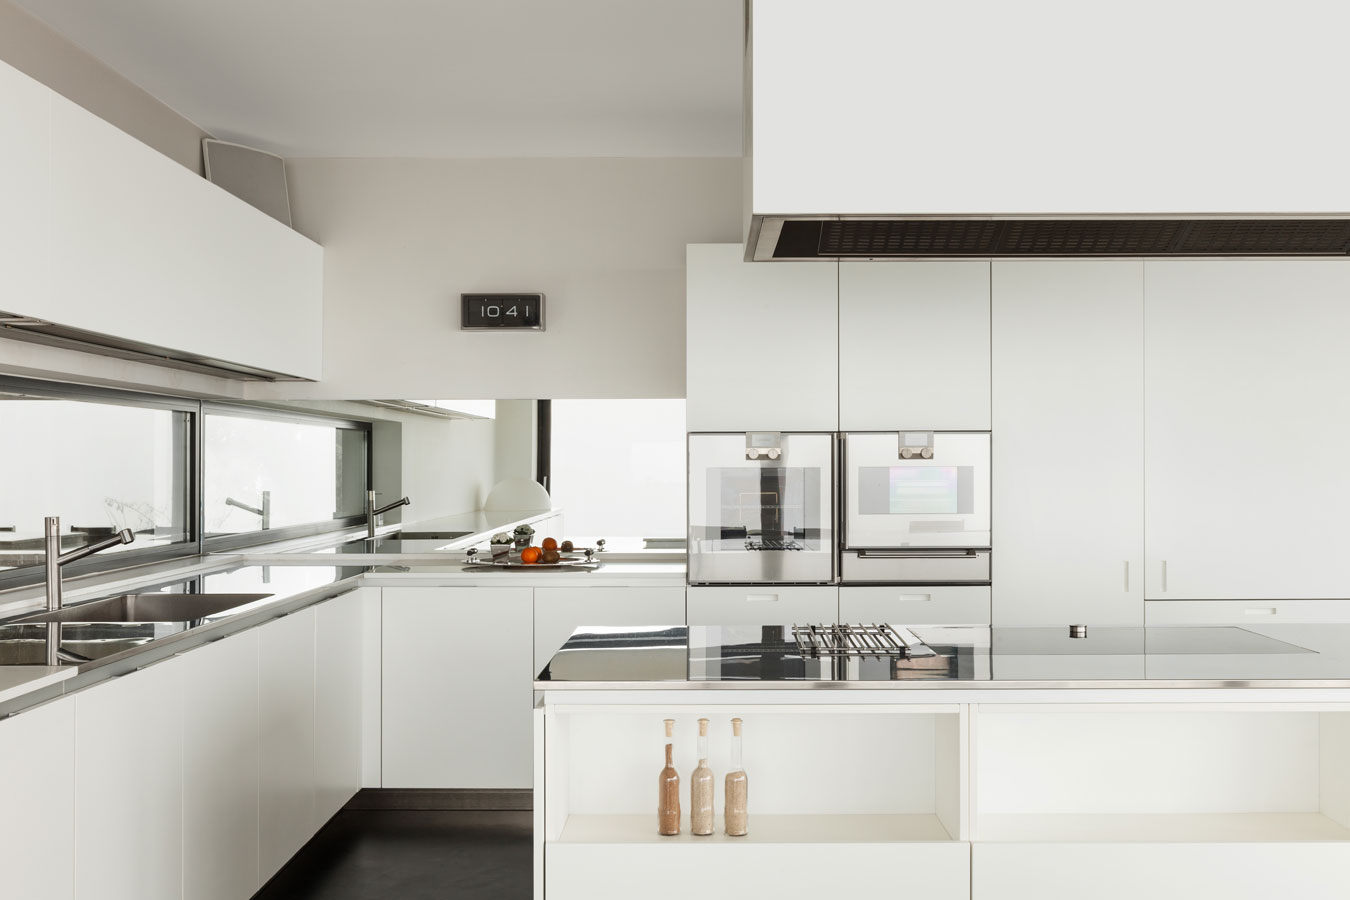 Keuken ideeën   tips keukens ontwerpen & inspiratie foto's